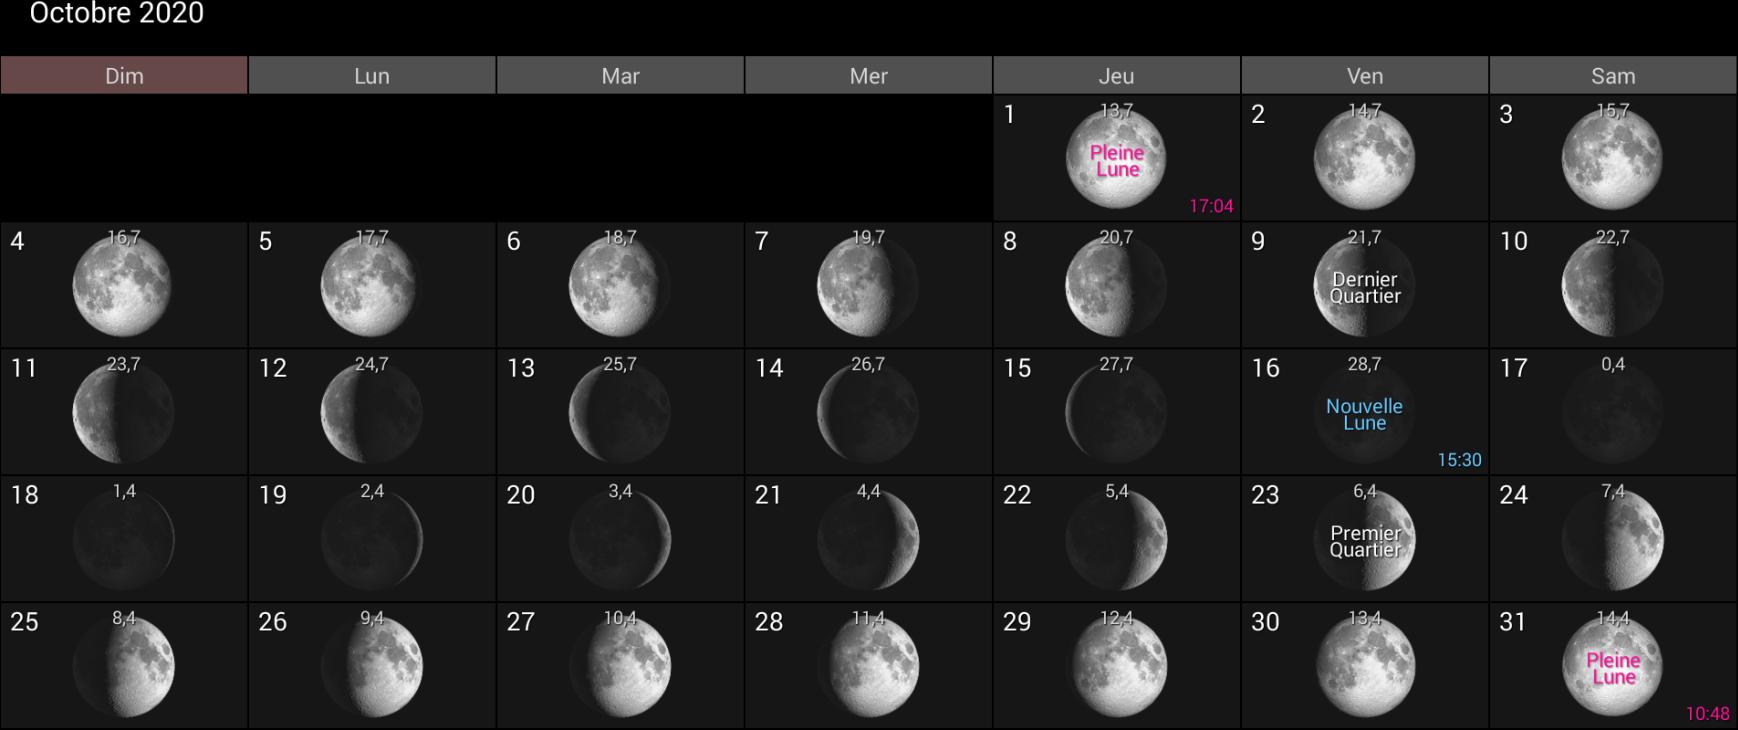 Les phases de la Lune pour le mois d'octobre 2020